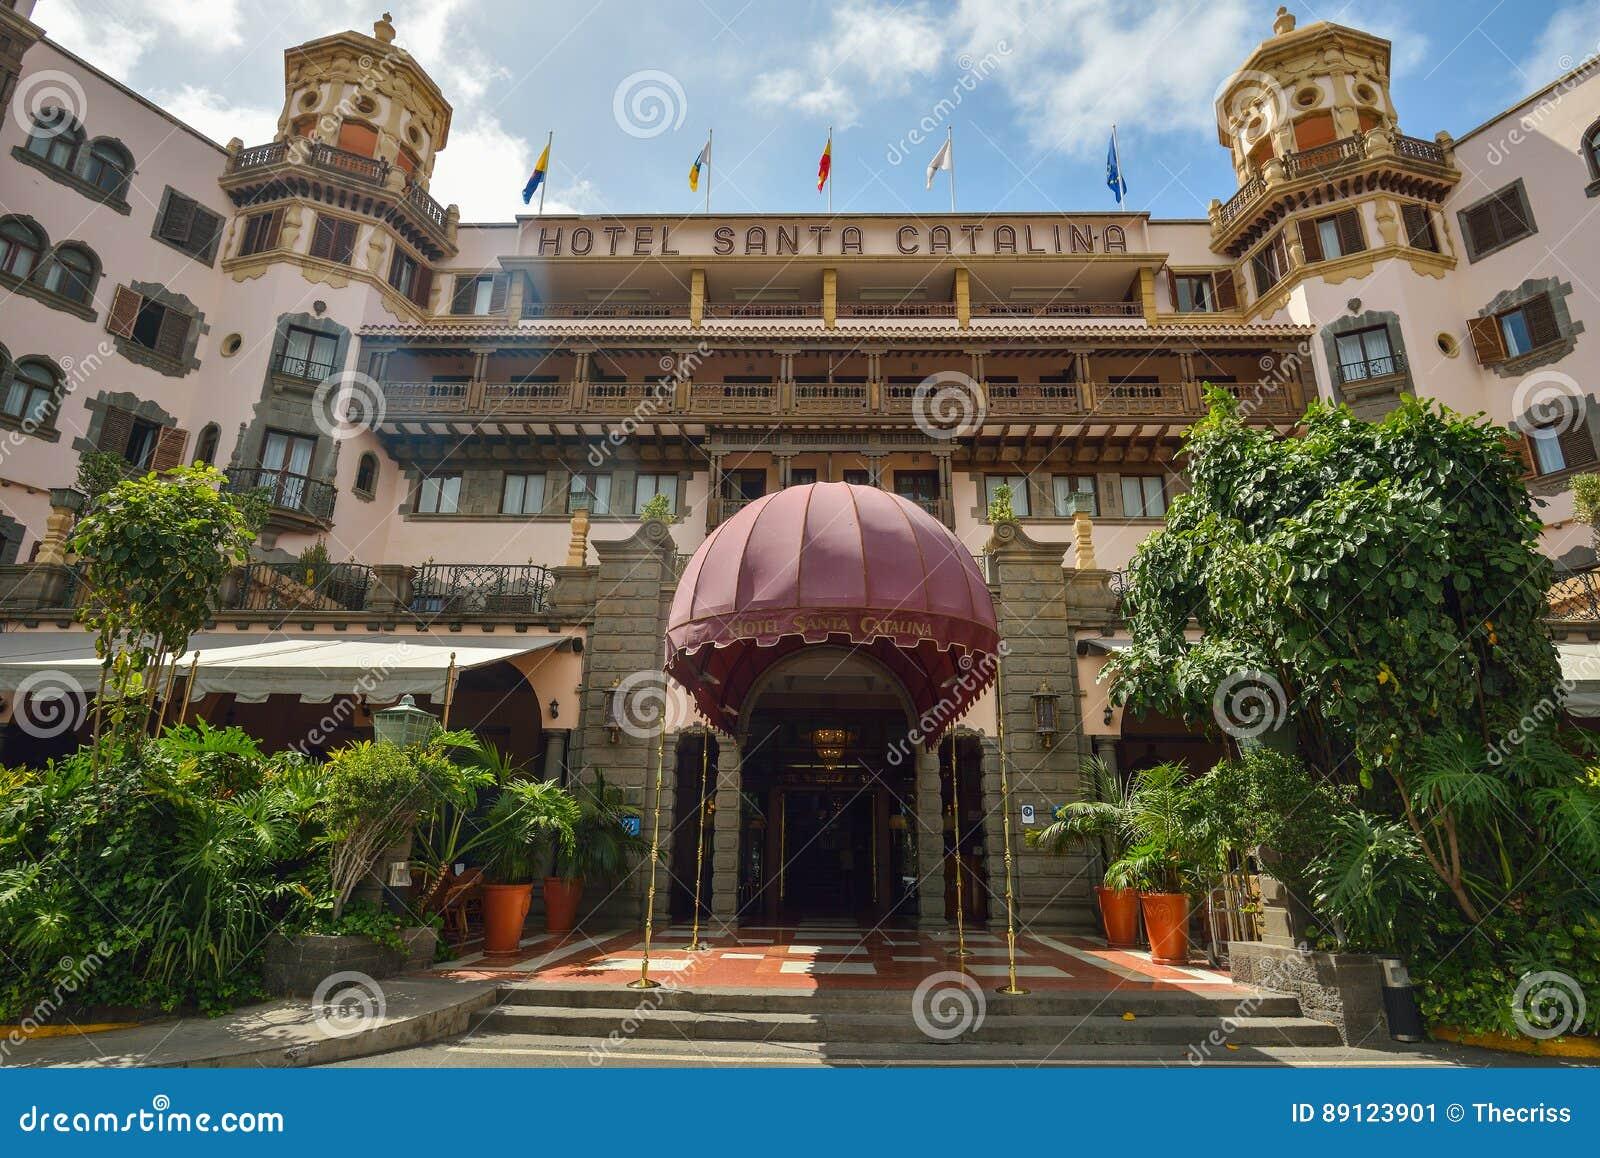 Las Palmas Gran Canaria Spanien 10 März 2017 Hotel Santa